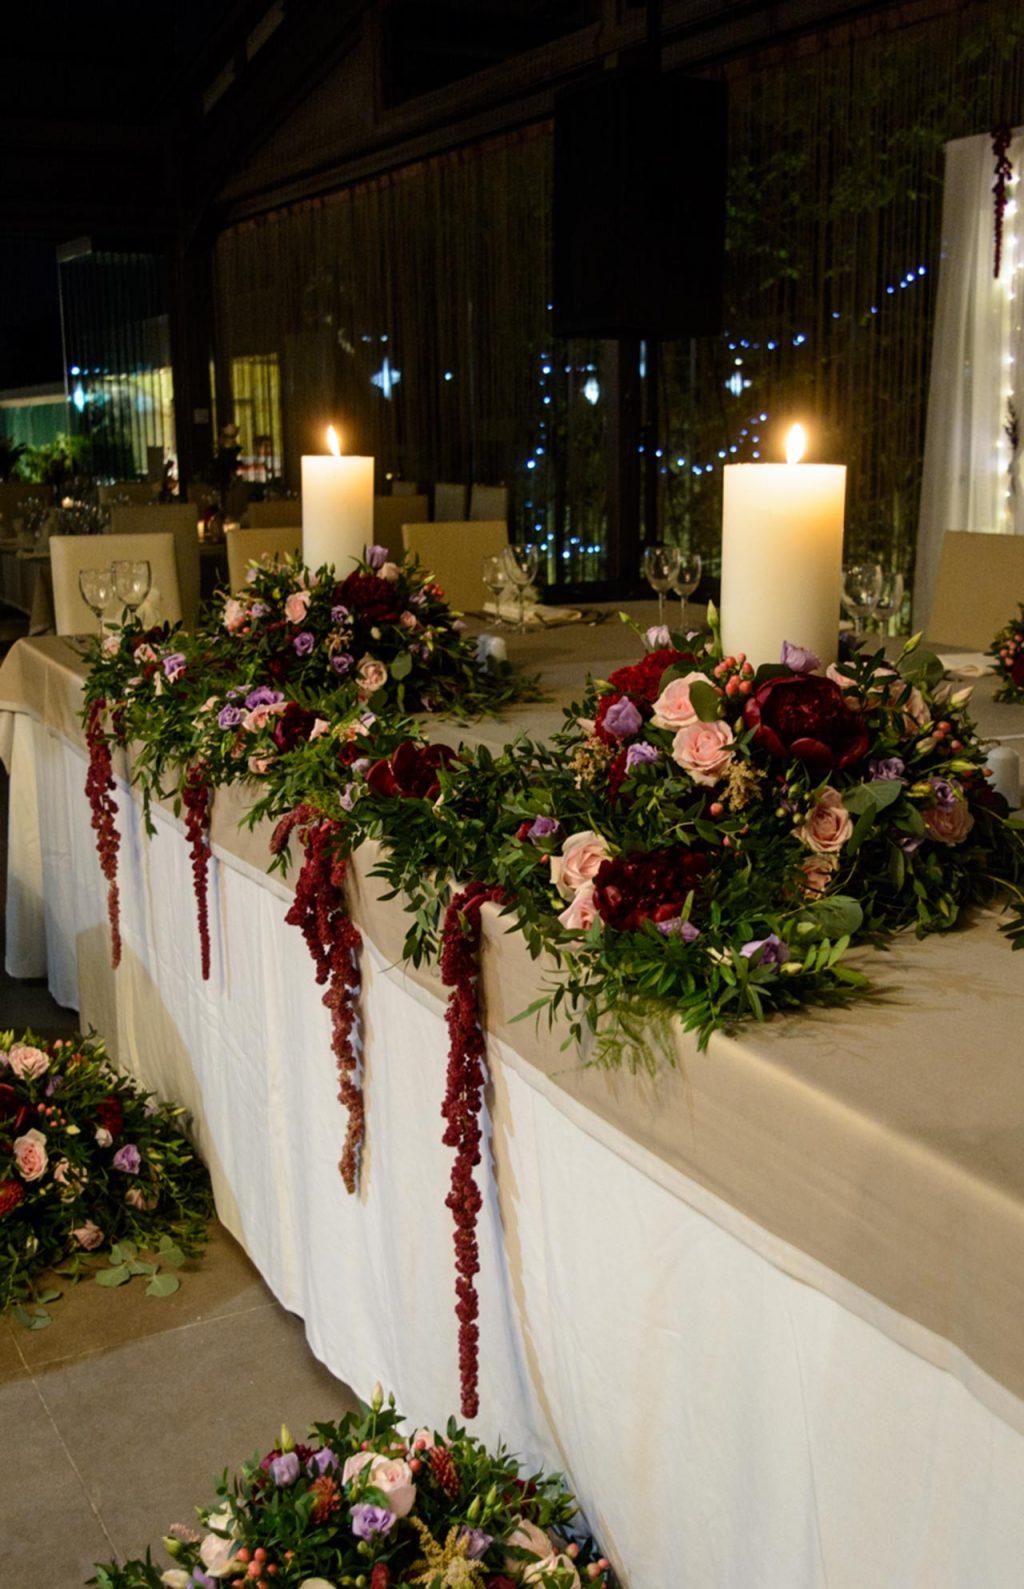 Στολισμός νυφικού τραπεζιού με λουλούδια και στοιχεία σε ζεστούς τόνους του κόκκινου, σε τόνους berry red